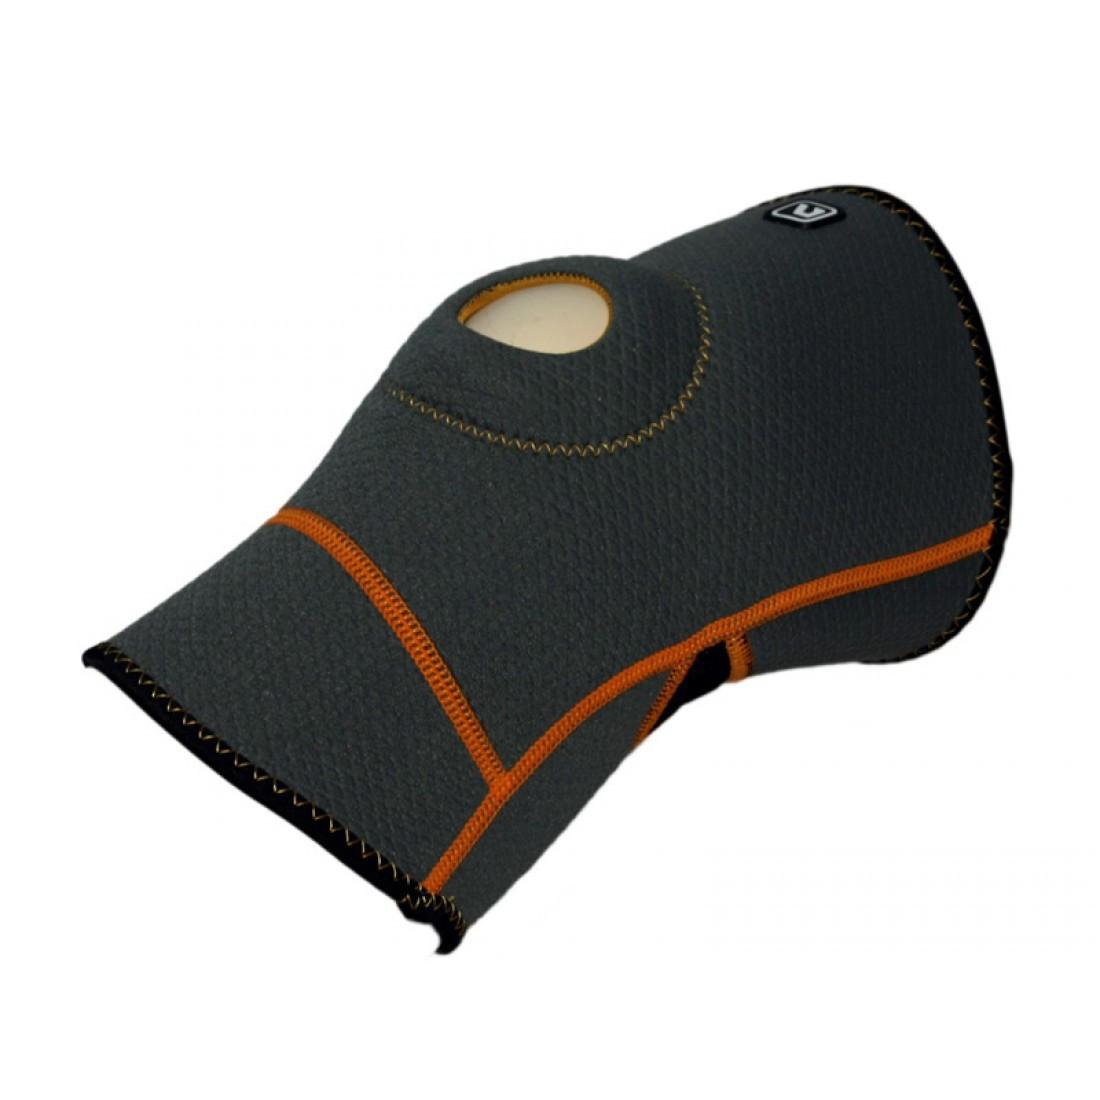 Защита колена LiveUp KNEE SUPPORT (S/M)